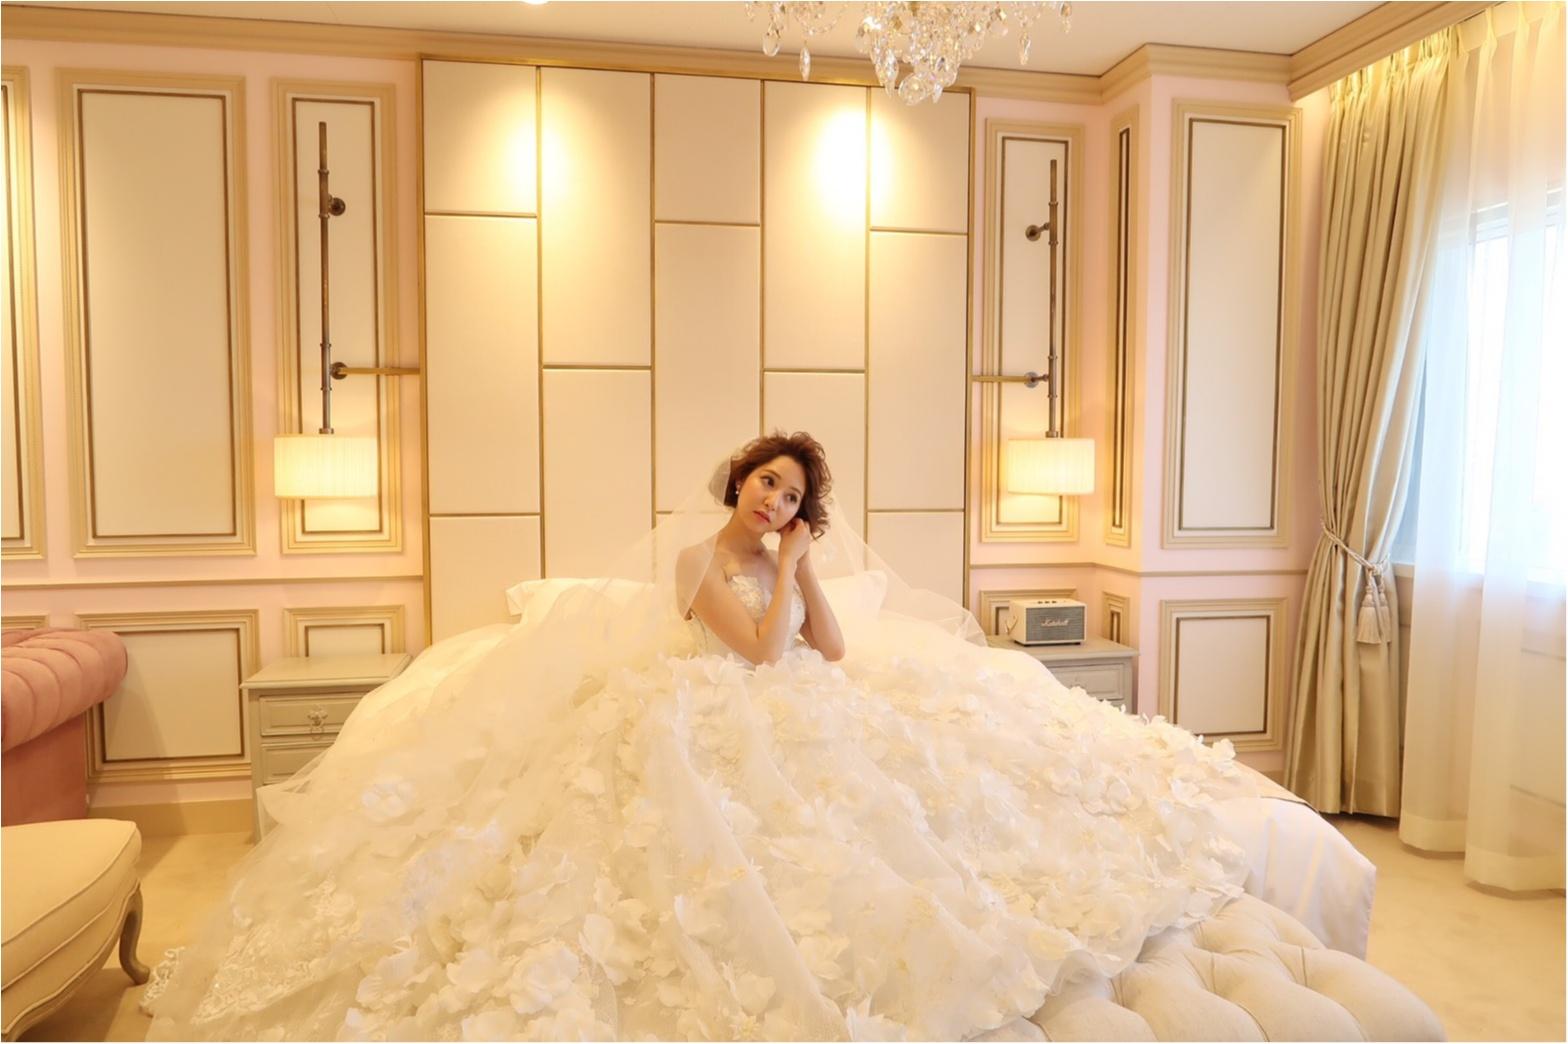 結婚式特集《ウェディングドレス編》- 20代に人気の種類やブランドは?_6